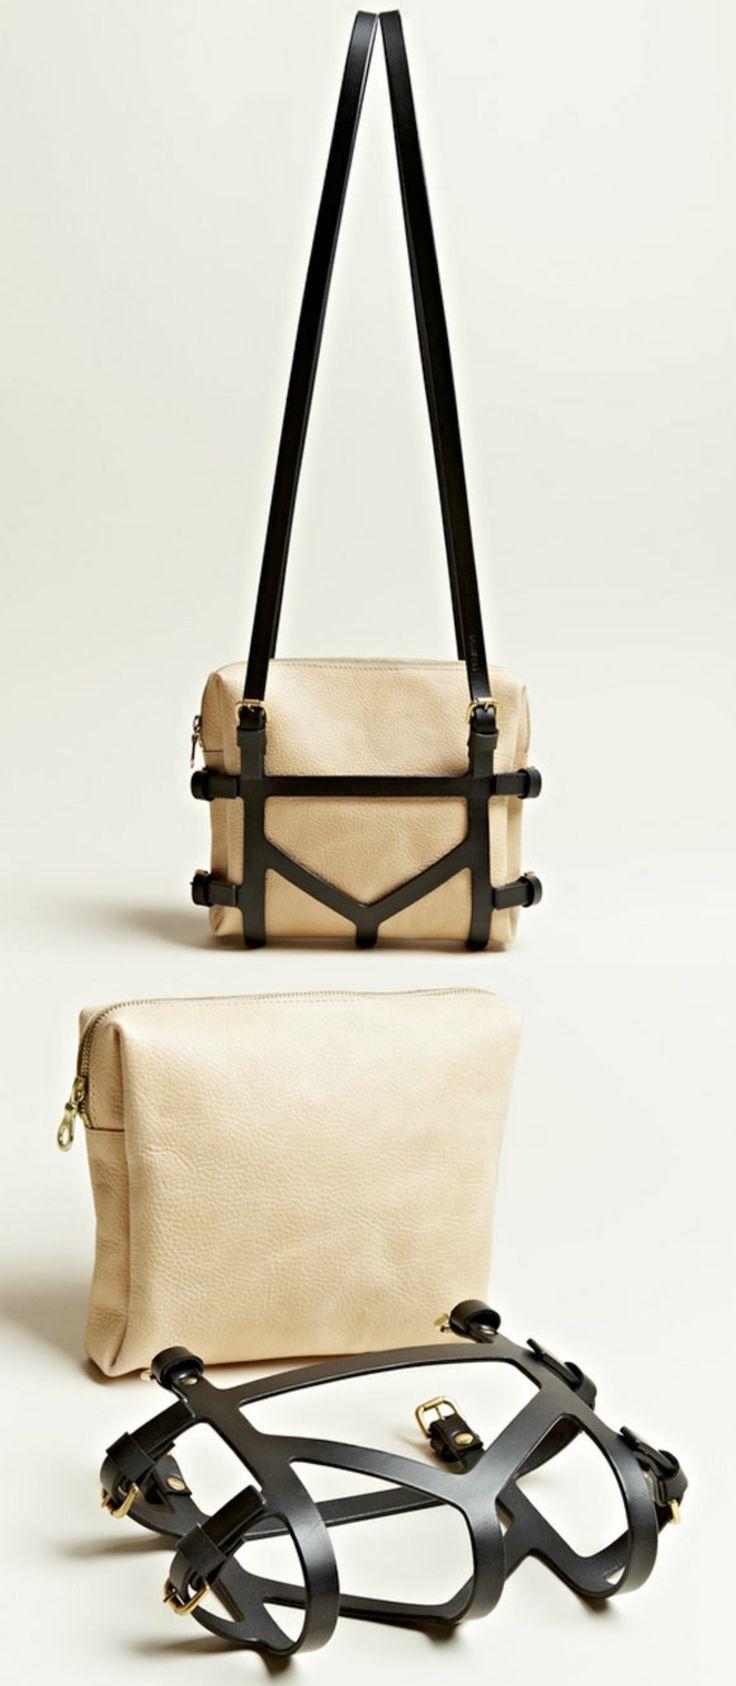 http://www.fashiontrendstoday.com/category/michael-kors-handbags/ Fleet Ilya… Diese und weitere Taschen auf www.designertaschen-shops.de entdecken